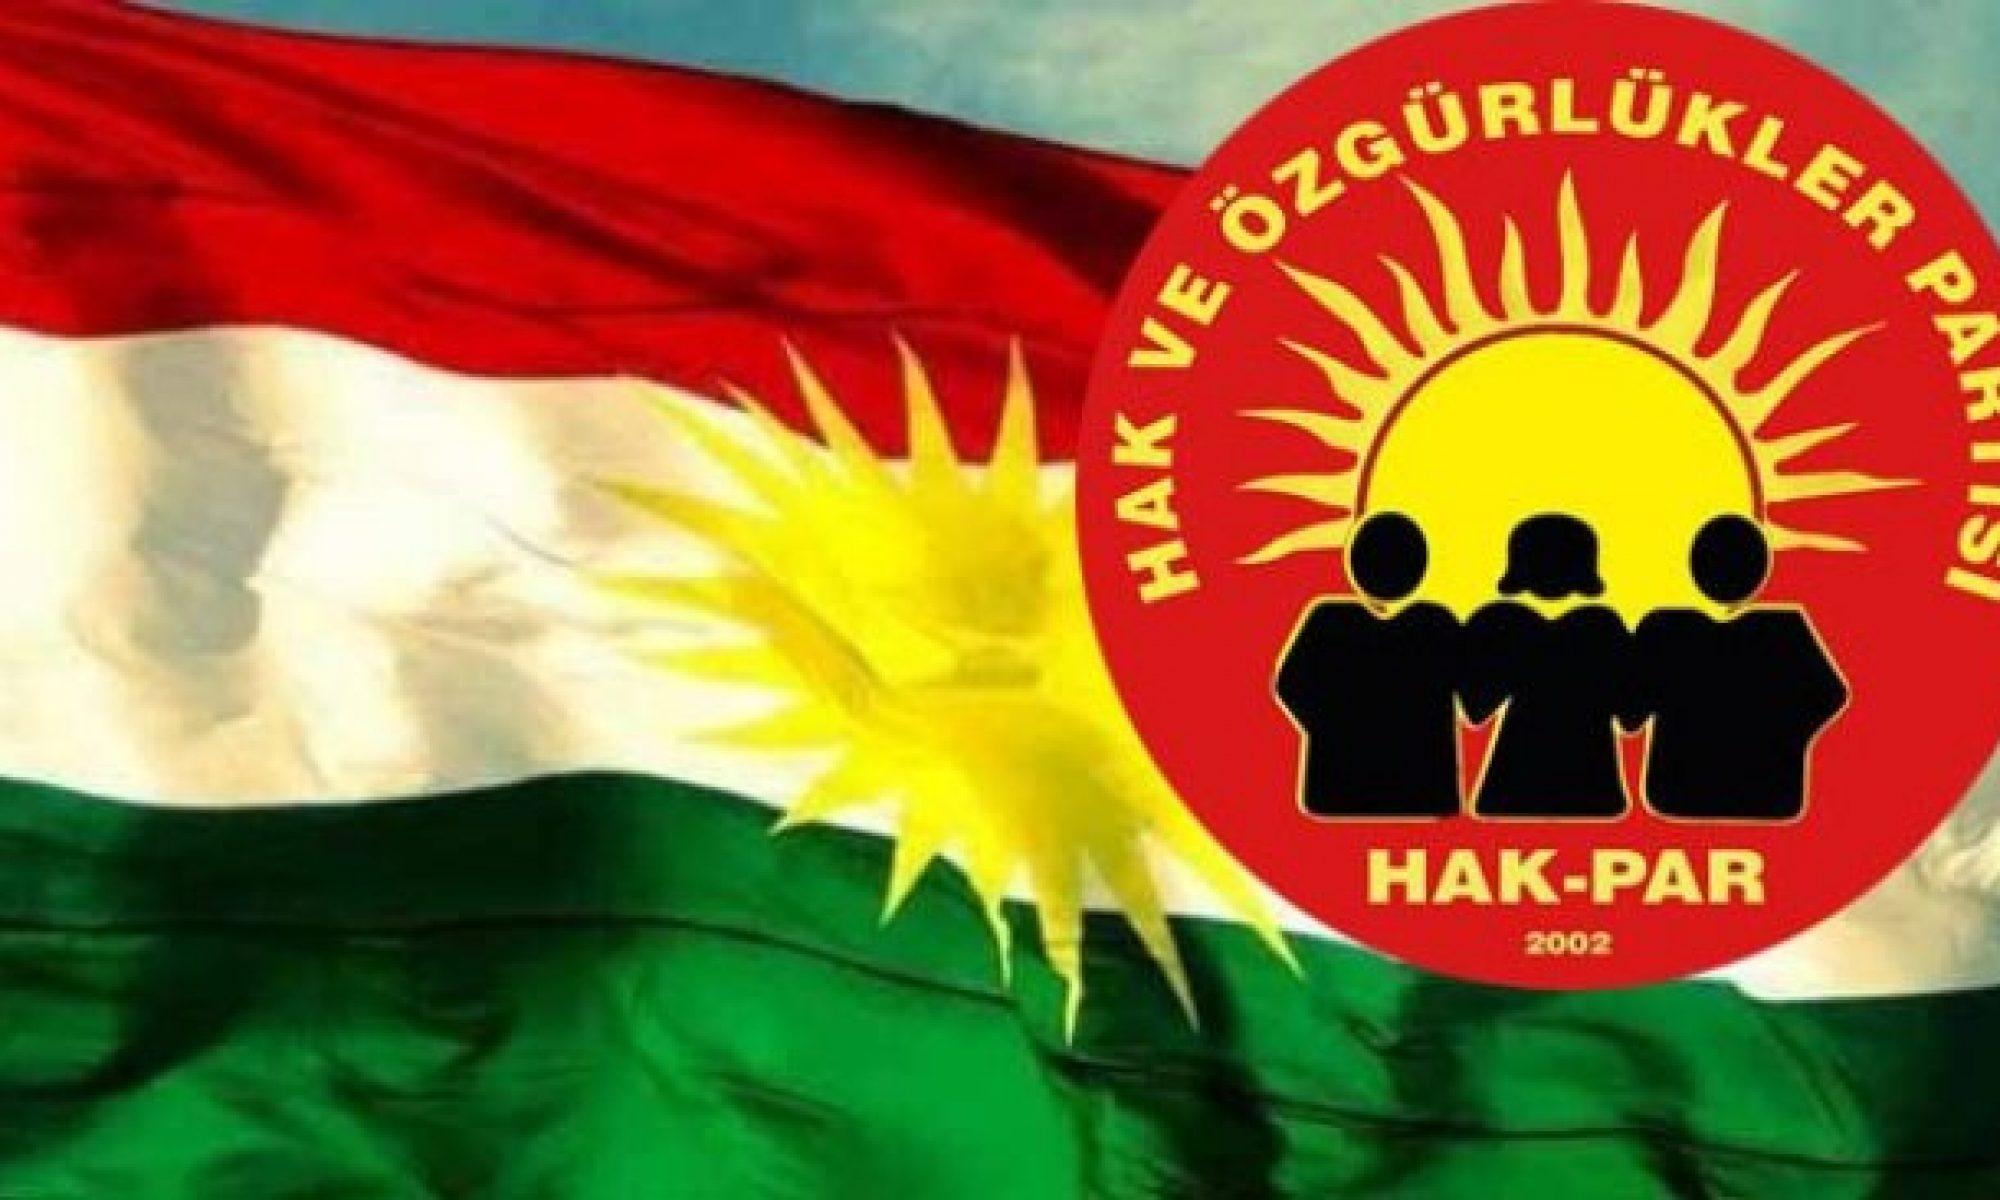 """HAK-PAR: """"PKK, Federal Kürdistan statüsünü zayıflatarak ortadan kaldırmayı amaçlayan düşman güçlerle iş birliği halindedir"""""""